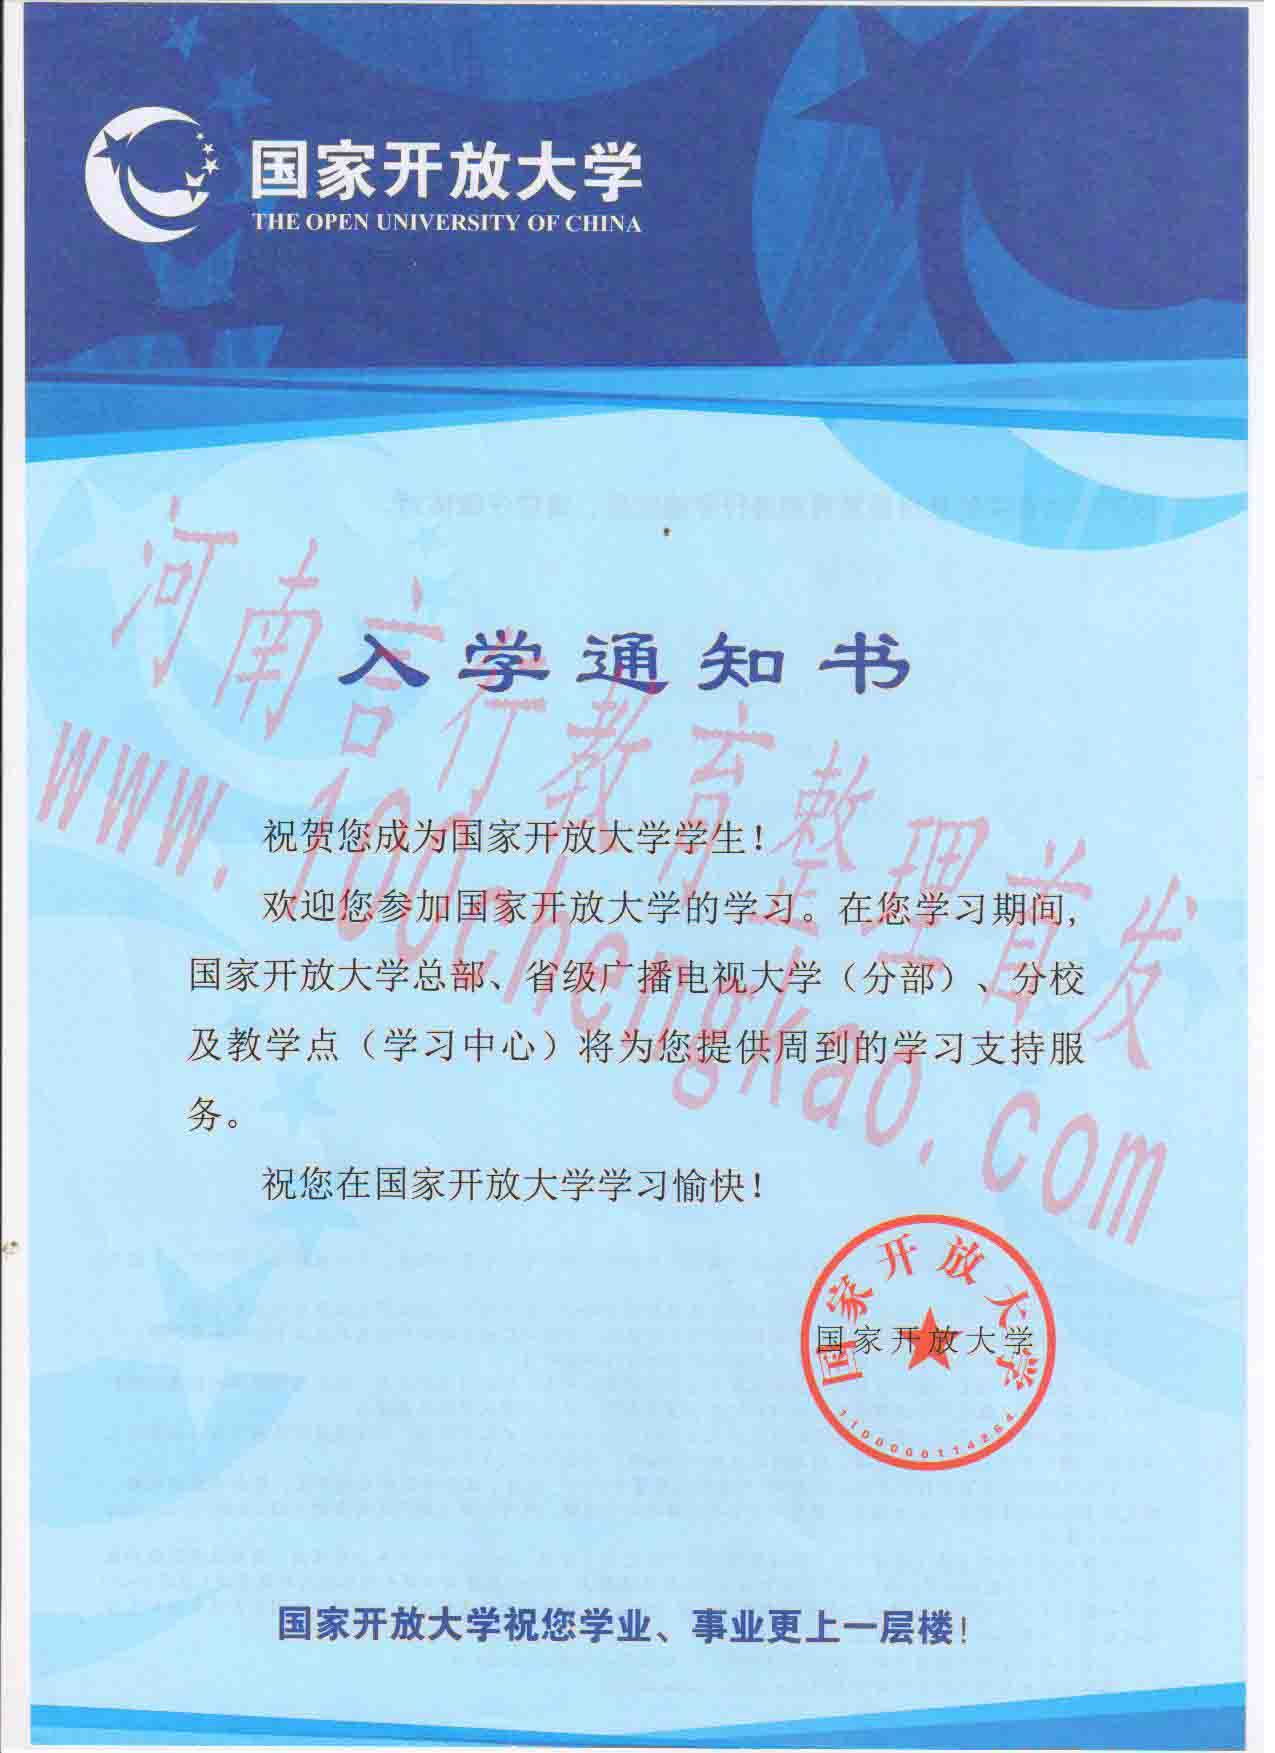 国家开放大学 河南电大 录取通知书样本【正反面】